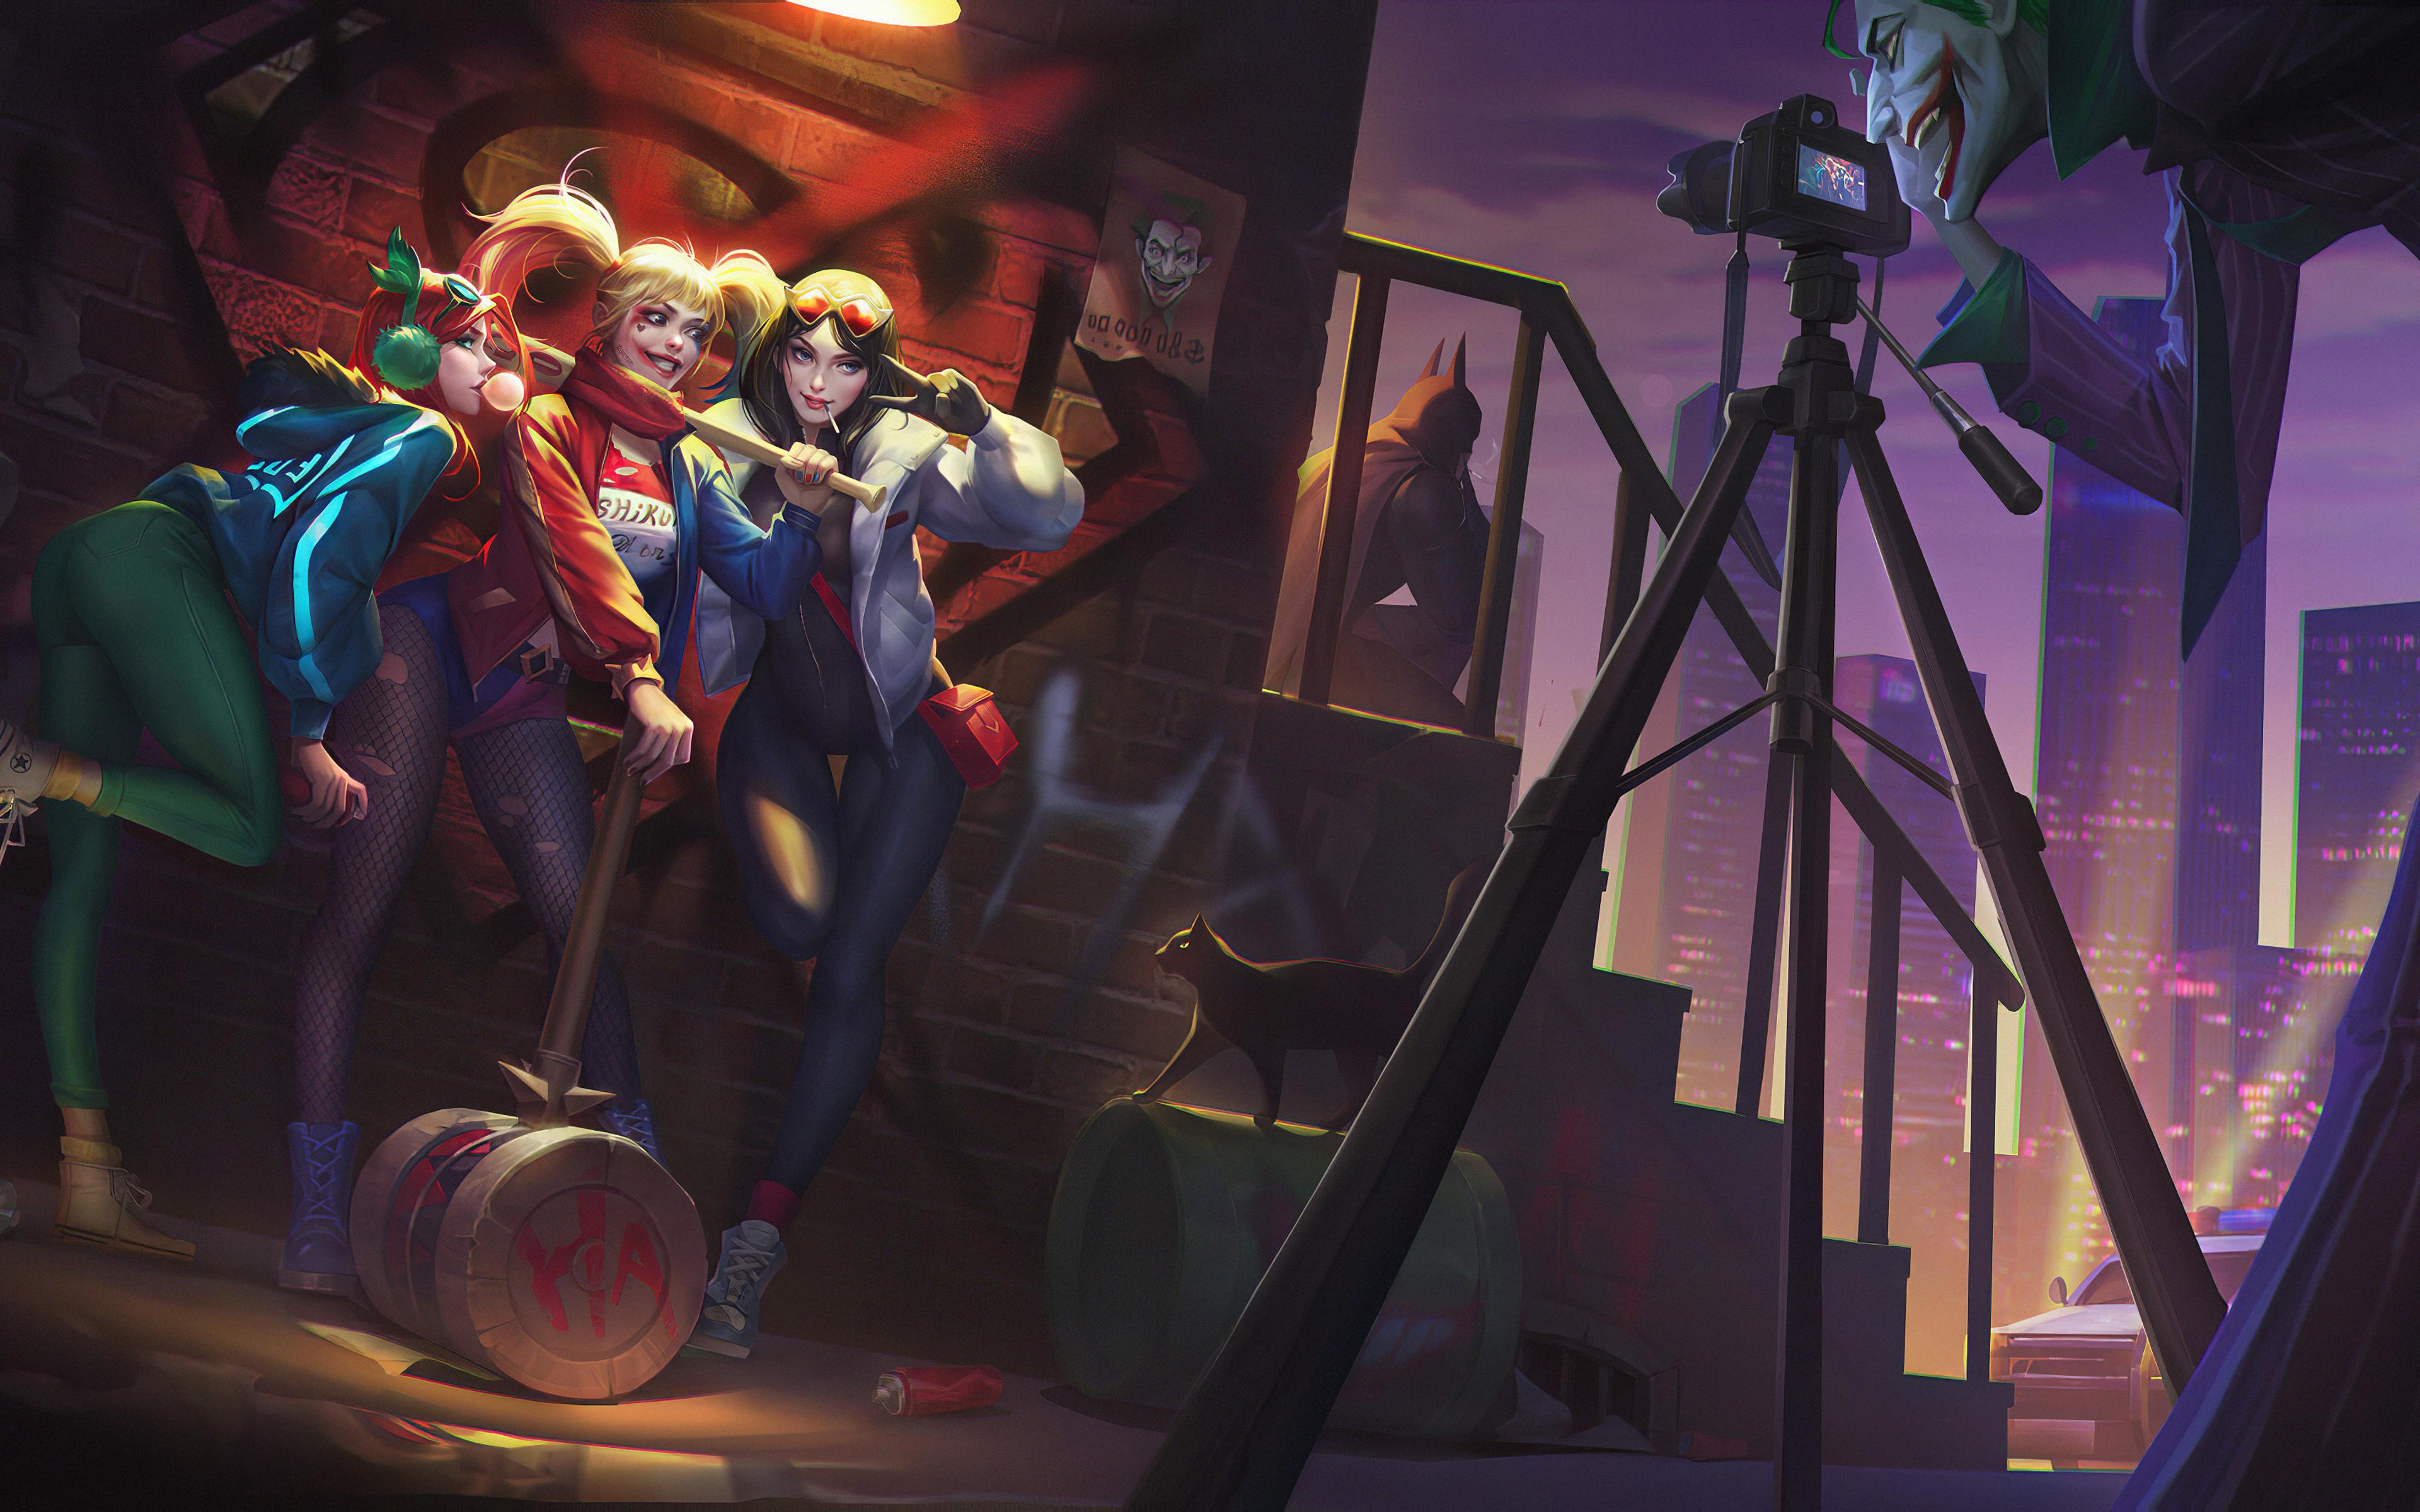 Fondos de pantalla El Guasón tomando una foto a Harley Quinn y amigas